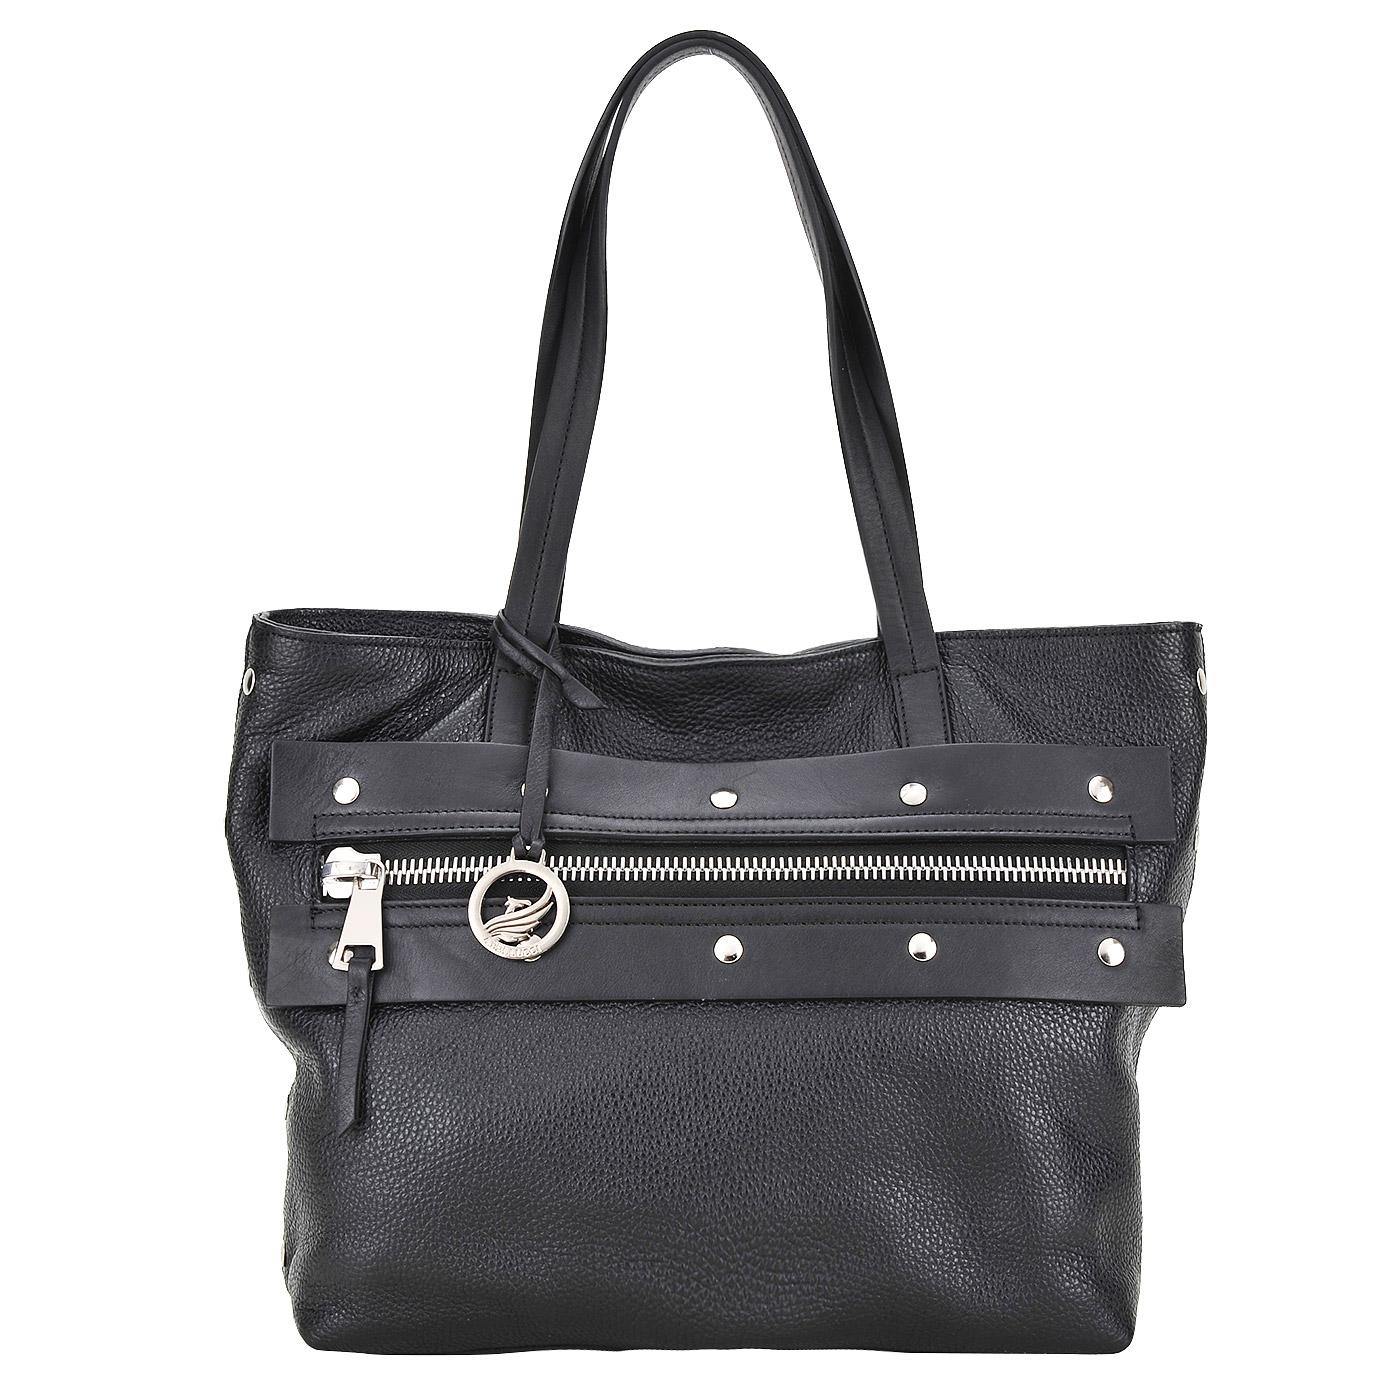 СумкаКлассические сумки<br>Закрывается на молнию и на магнитную кнопку. Внутри одно отделение, в котором карман на молнии и два кармашка для мелочей. Снаружи на передней стенке сумки карман на молнии.<br><br>count_sale: 30<br>new: 1<br>sale: 1